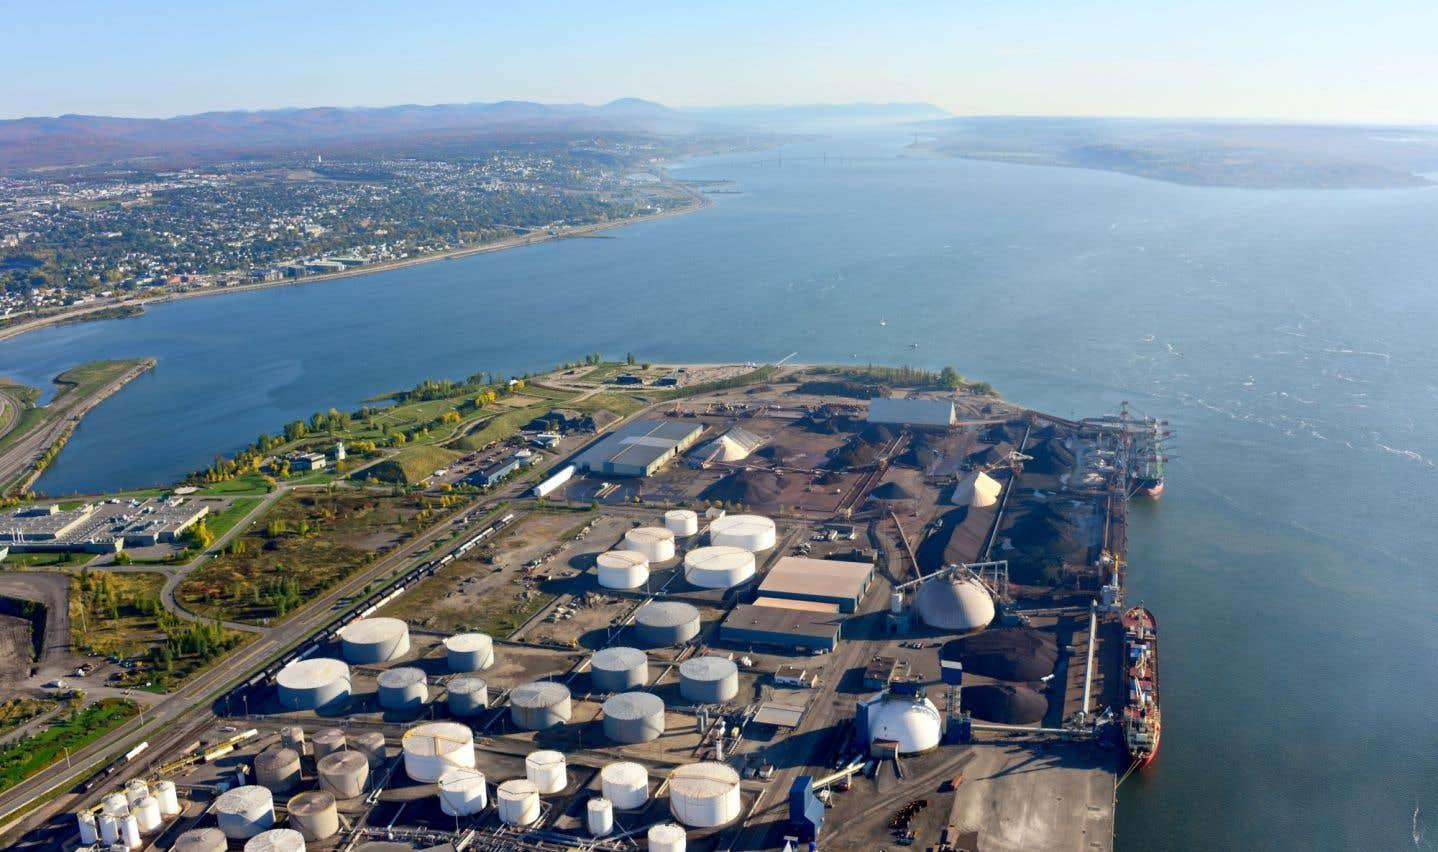 Les règles québécoises inopérantes en zone portuaire